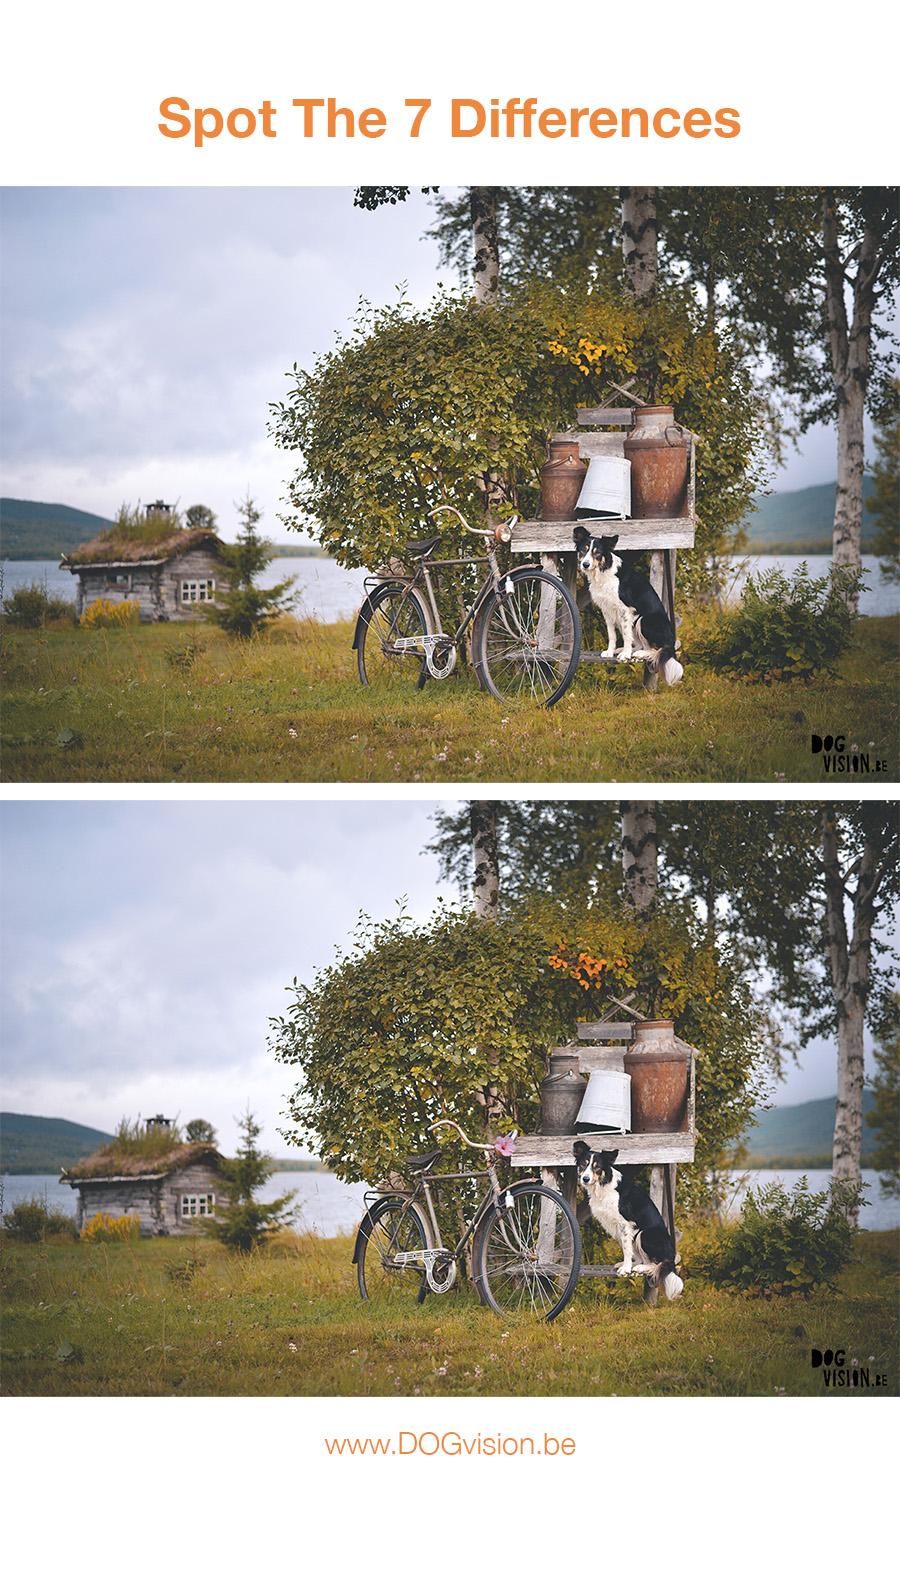 Zoek de 7 verschillen | www.DOGvision.be